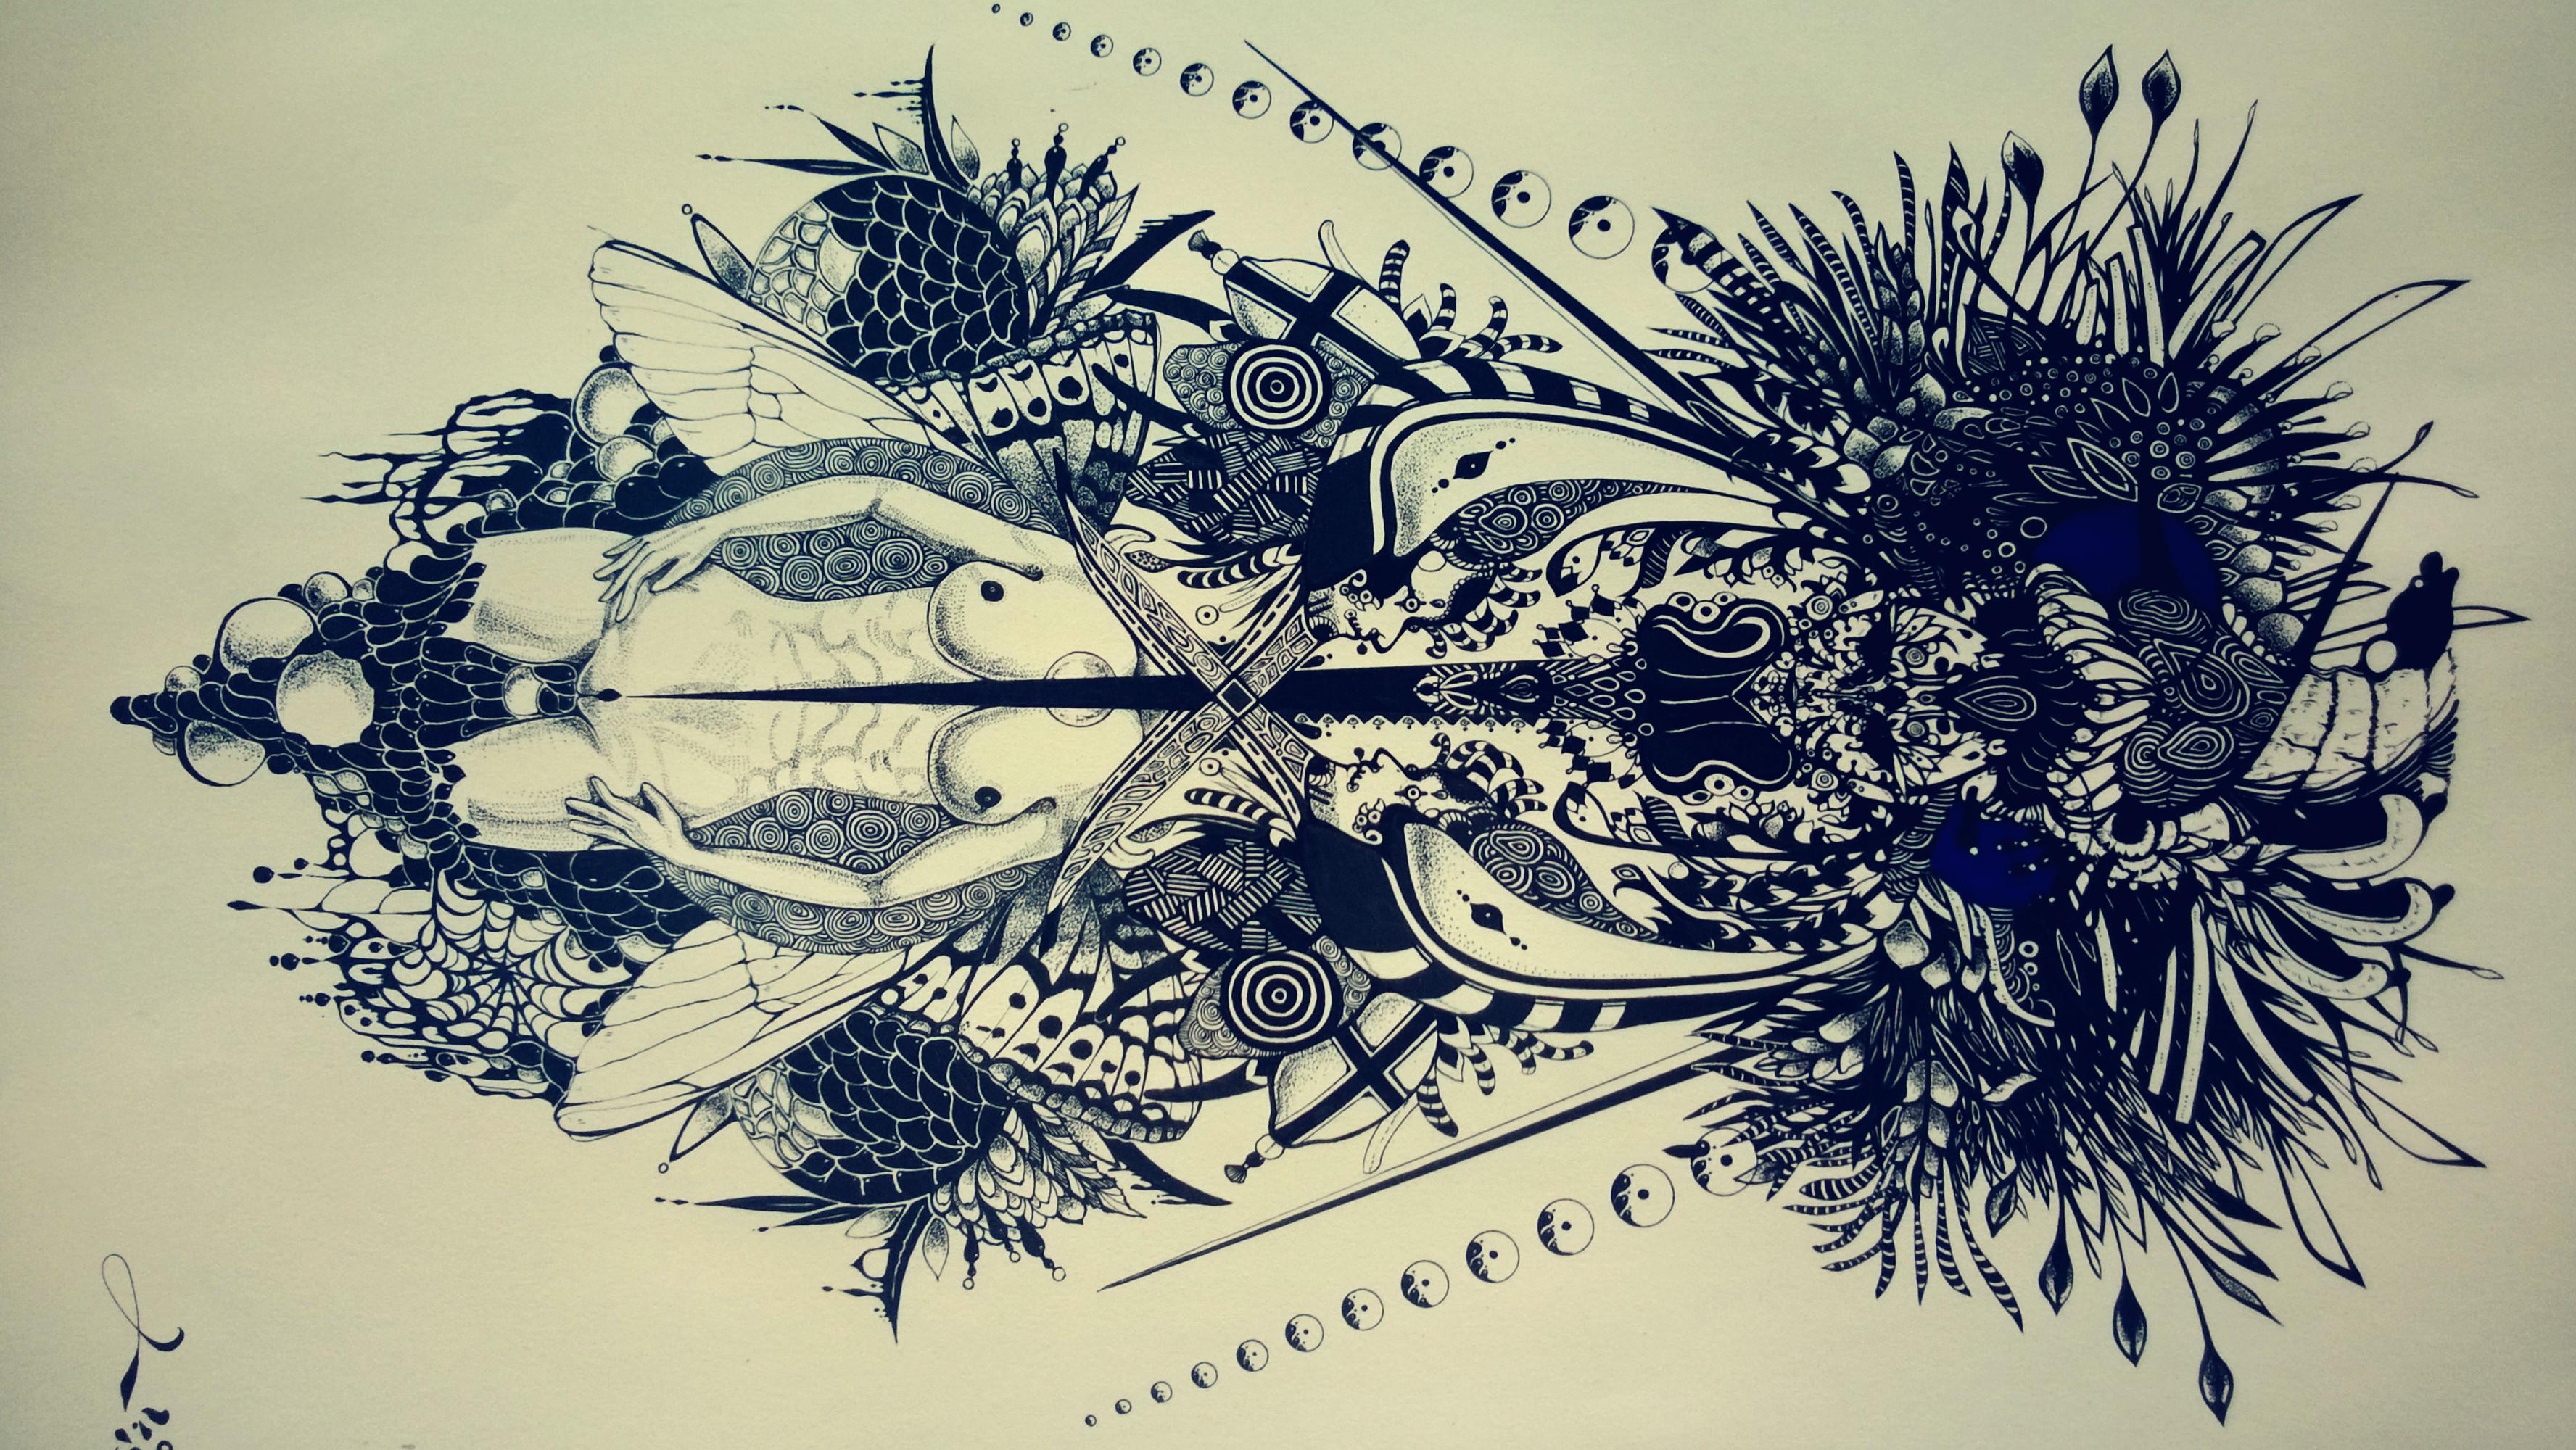 自己设计的纹身图案图片